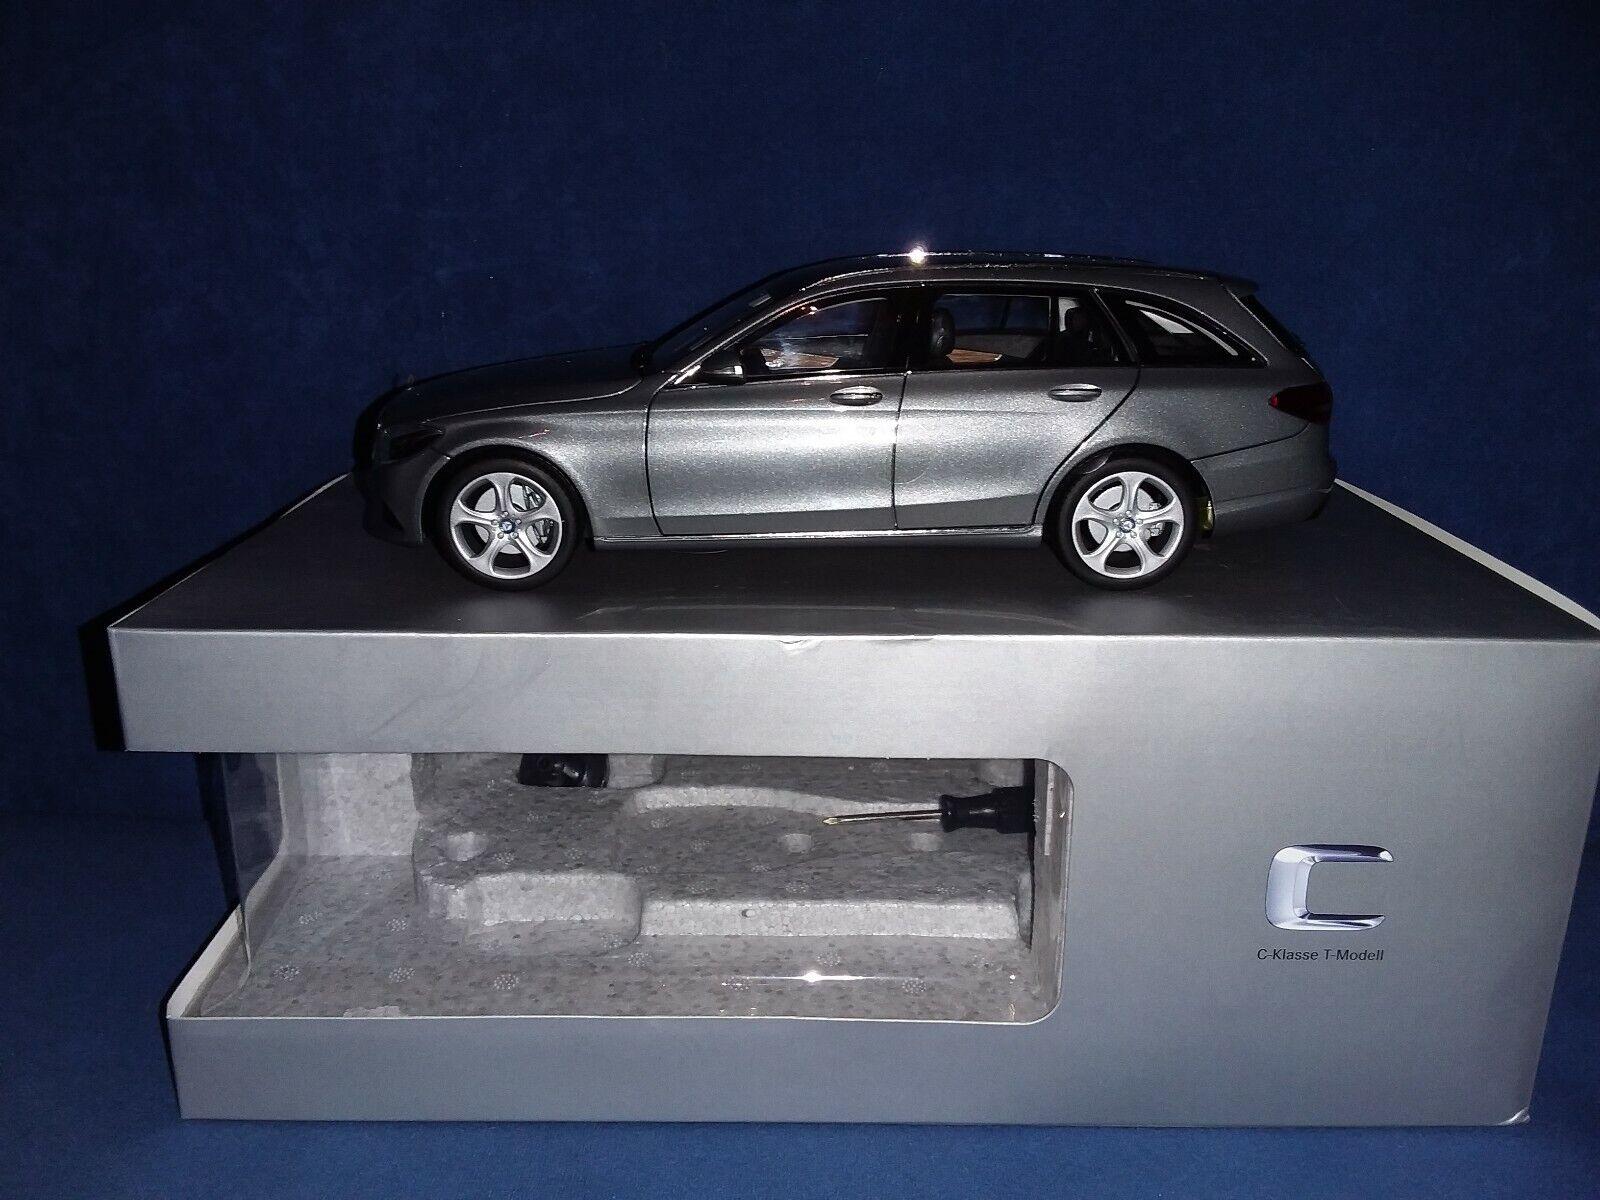 Mercedes C-Klasse T-Modelll 1 18 Norev Händler Ausgabe neu in OVP sehr selten